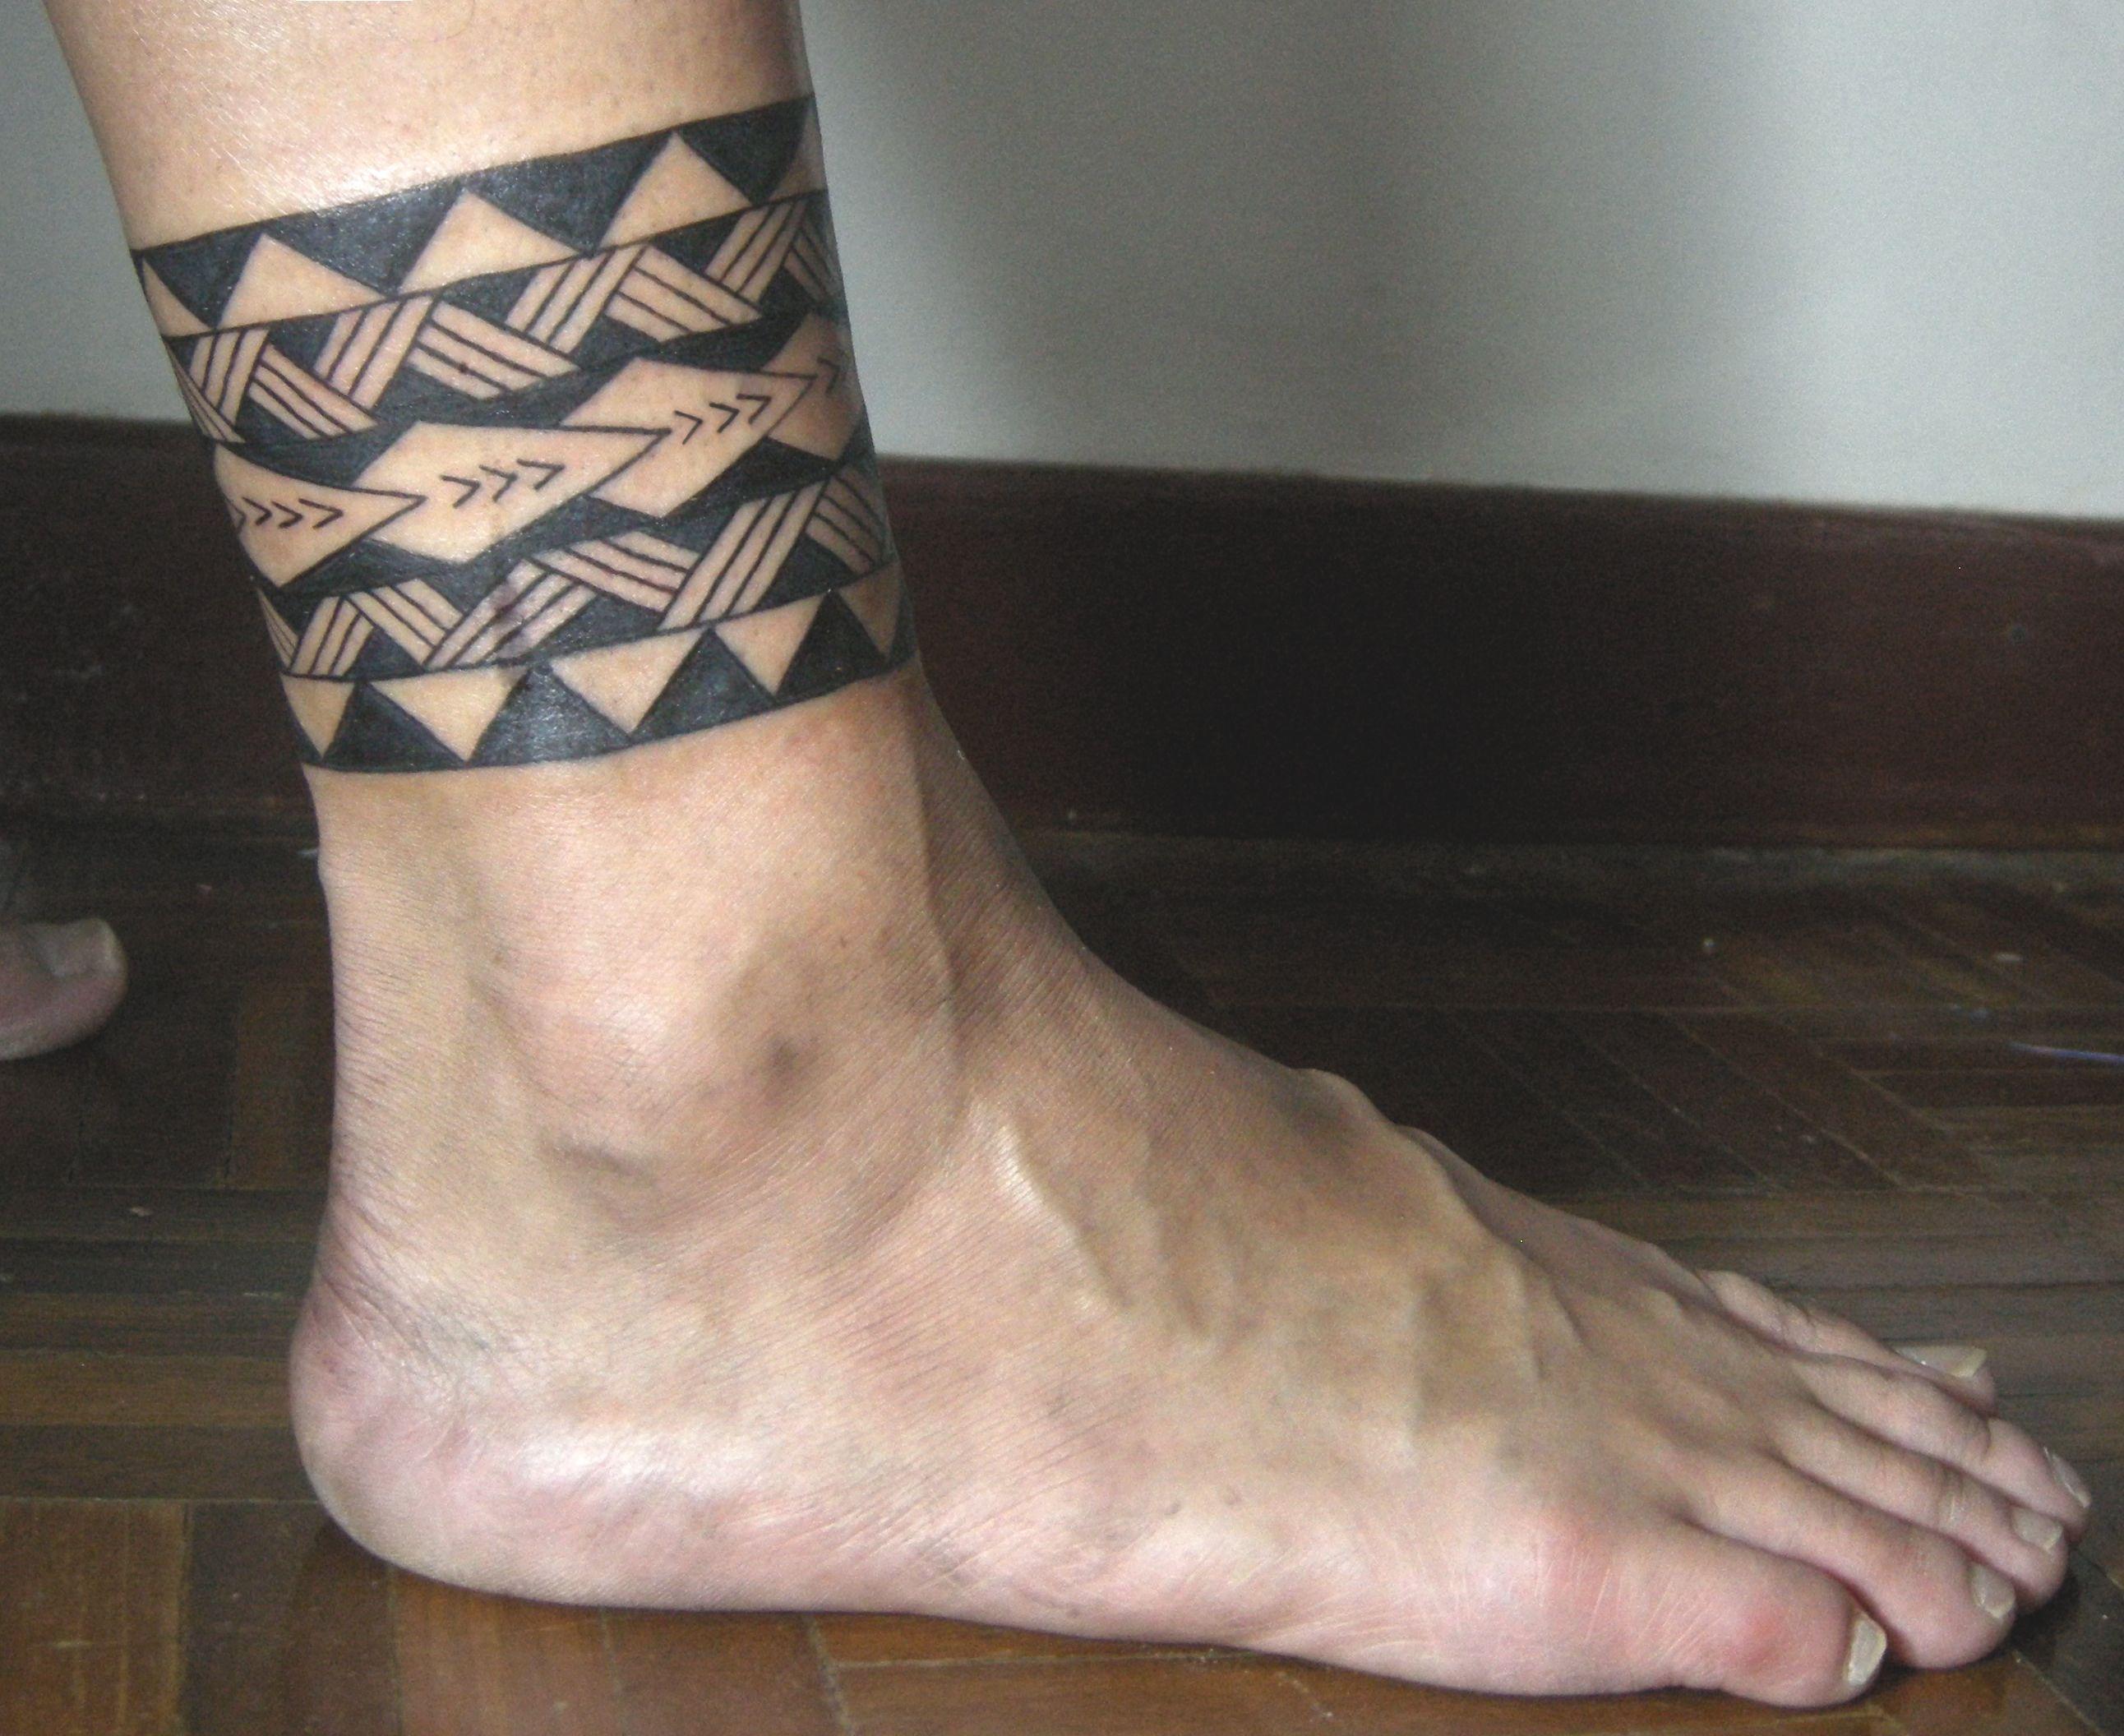 Tribal Leg Band Tattoo Tribal Band Tattoo Polynesian Tribal Tribal Band Tattoo Ankle Band Tattoo Maori Tattoo